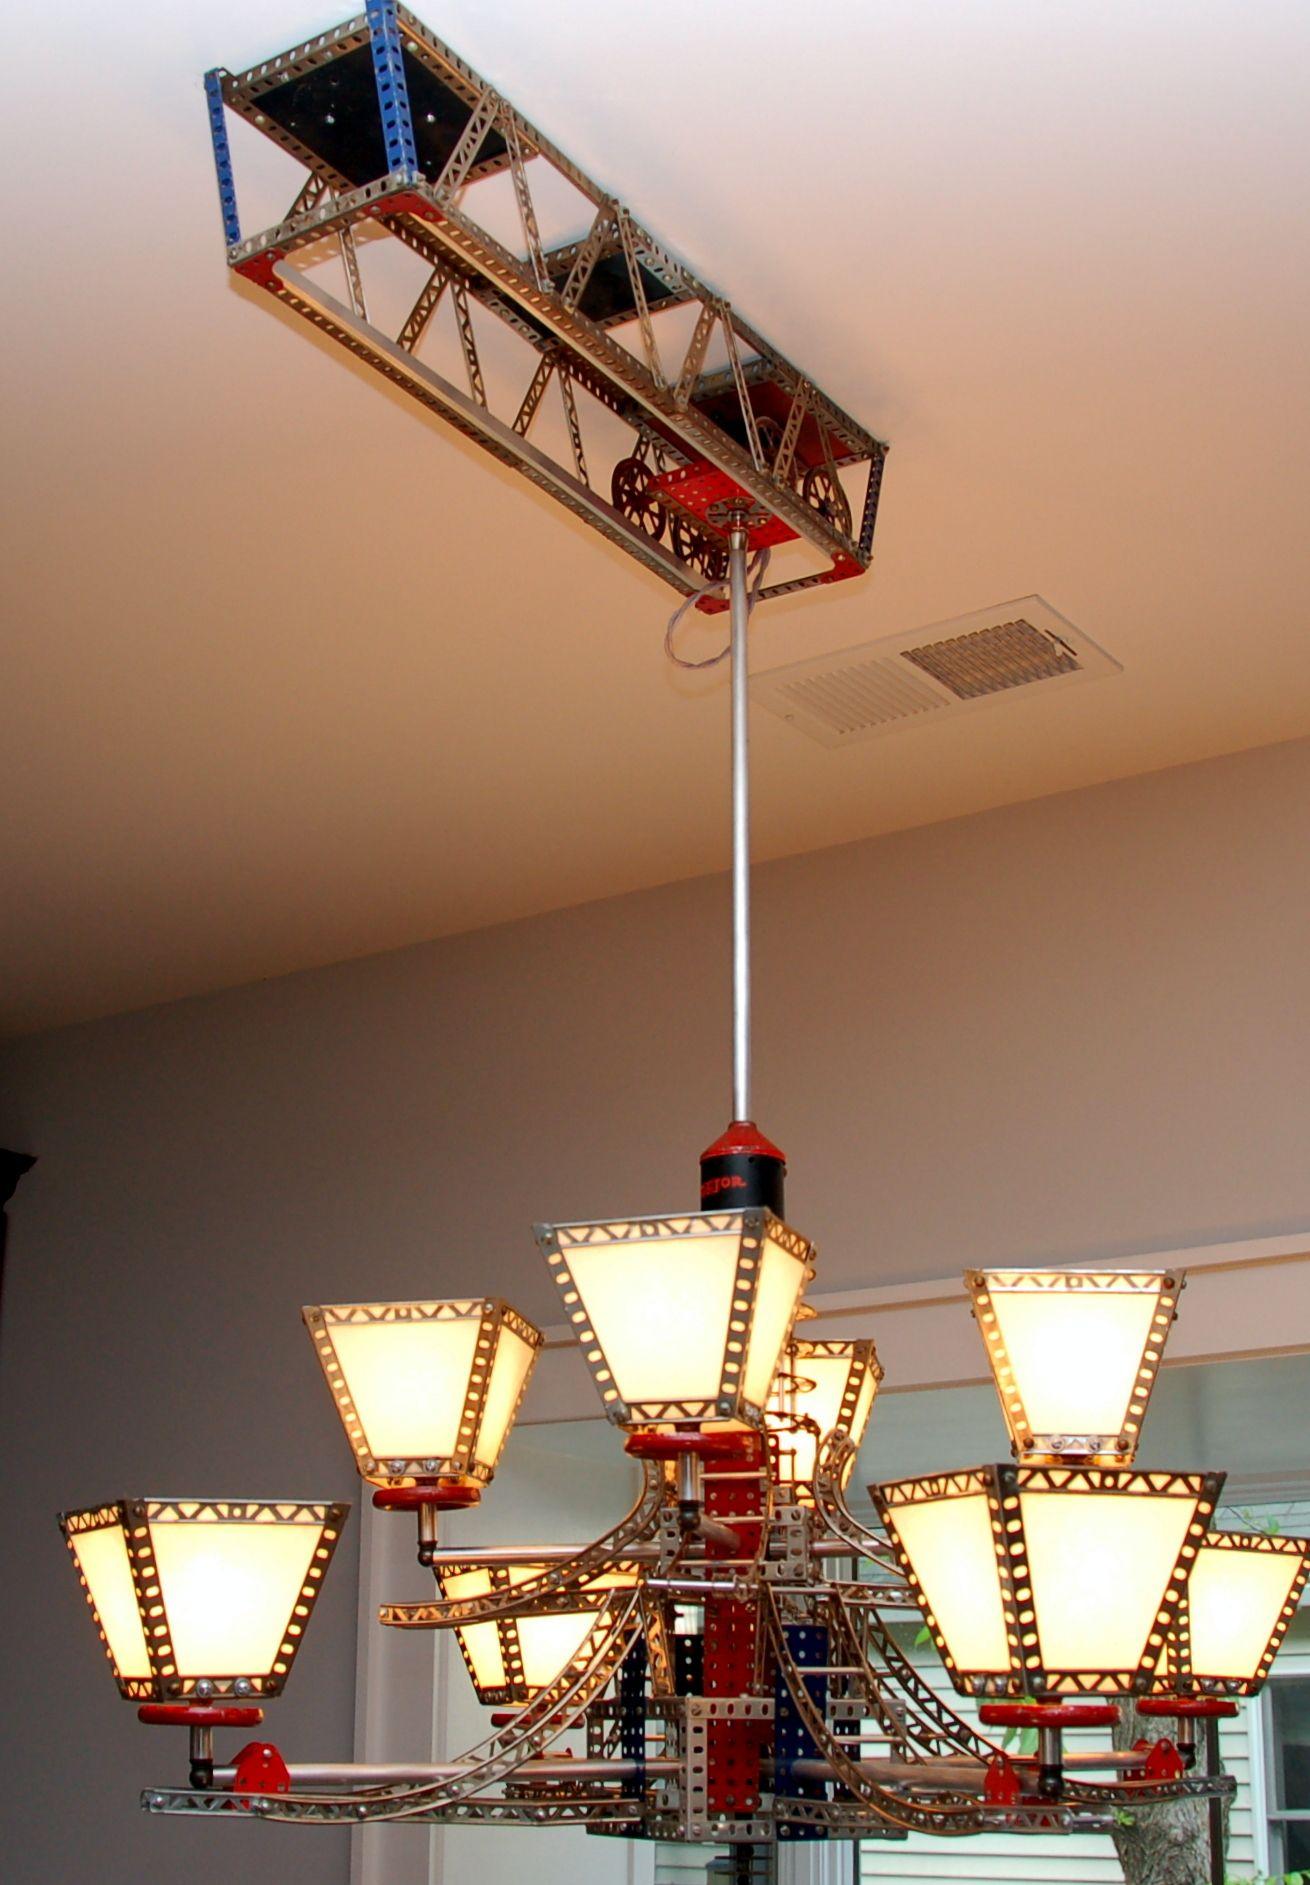 Erector set chandelier on moving track by Rick Singleton Lighting ... for Train Ceiling Light  8lpfiz